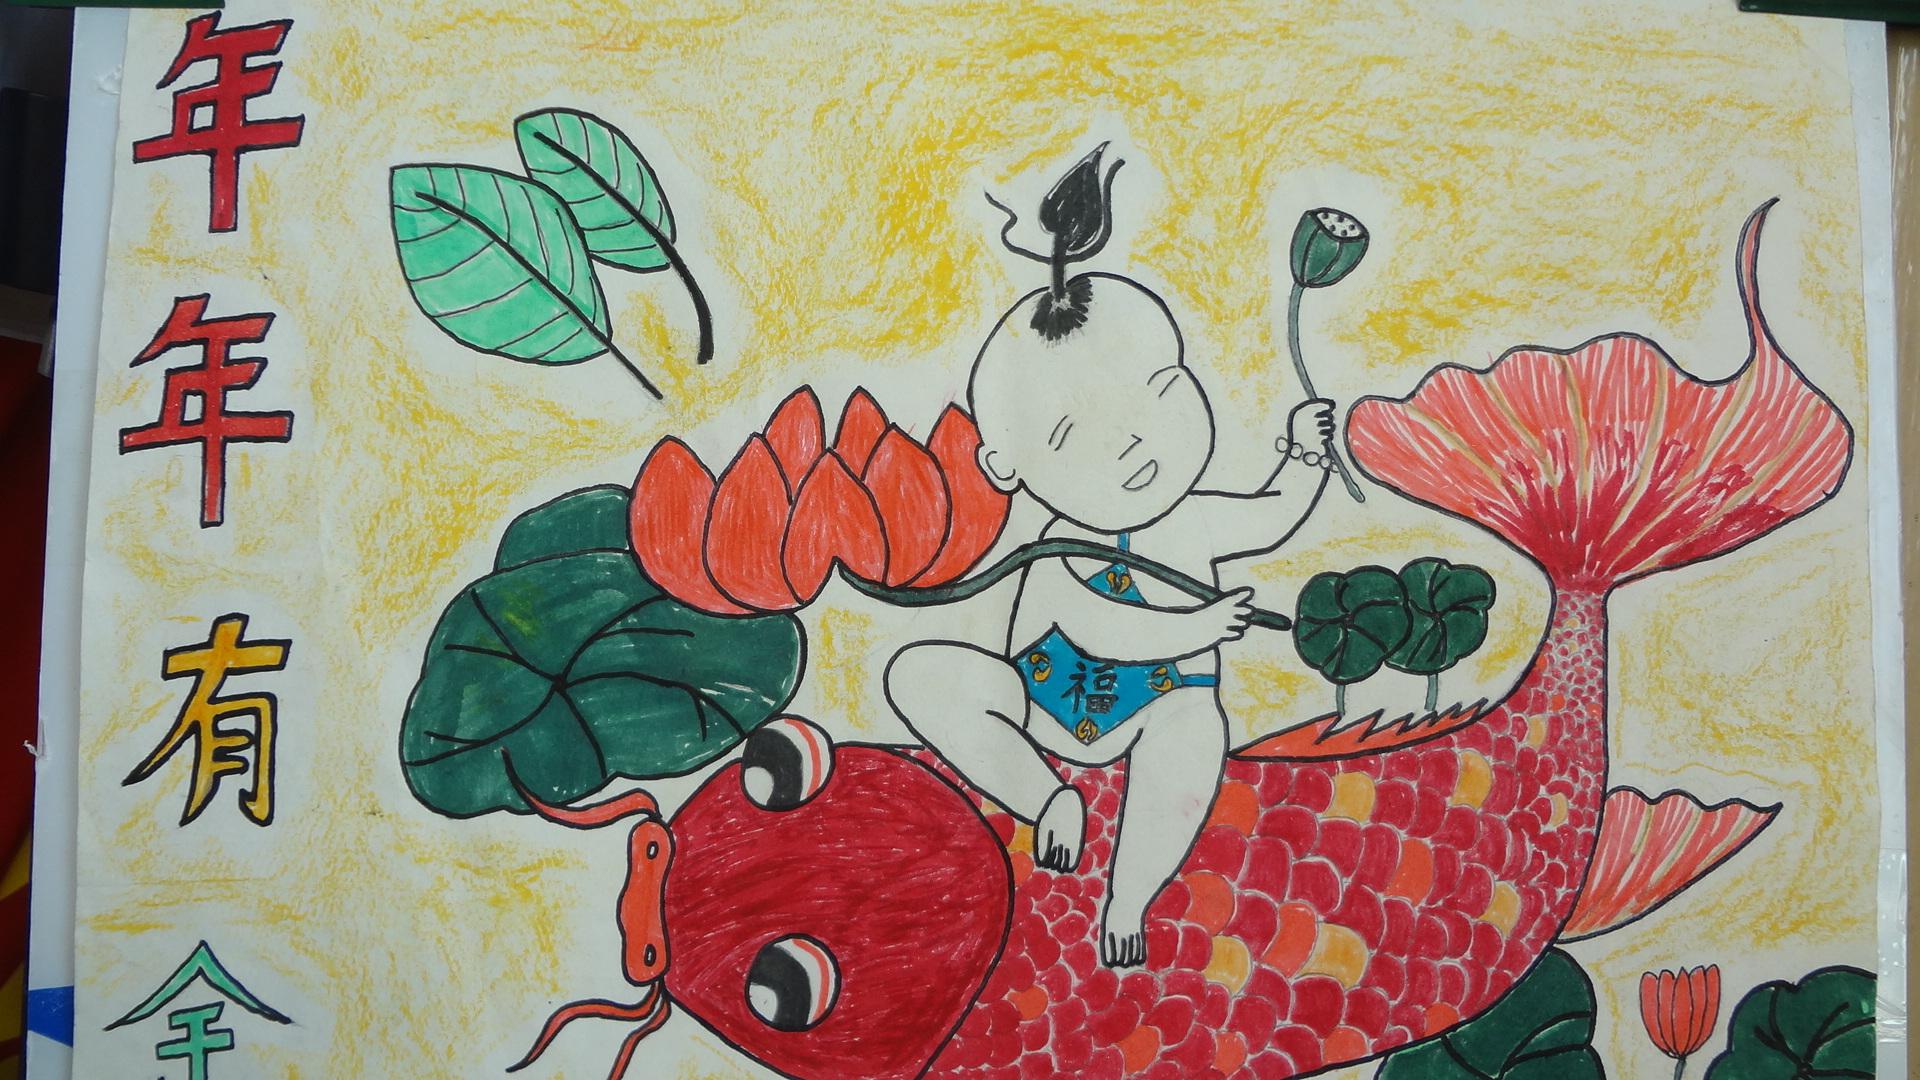 石屯中心小学举行 庆元旦 迎新春 学生书画比赛活动